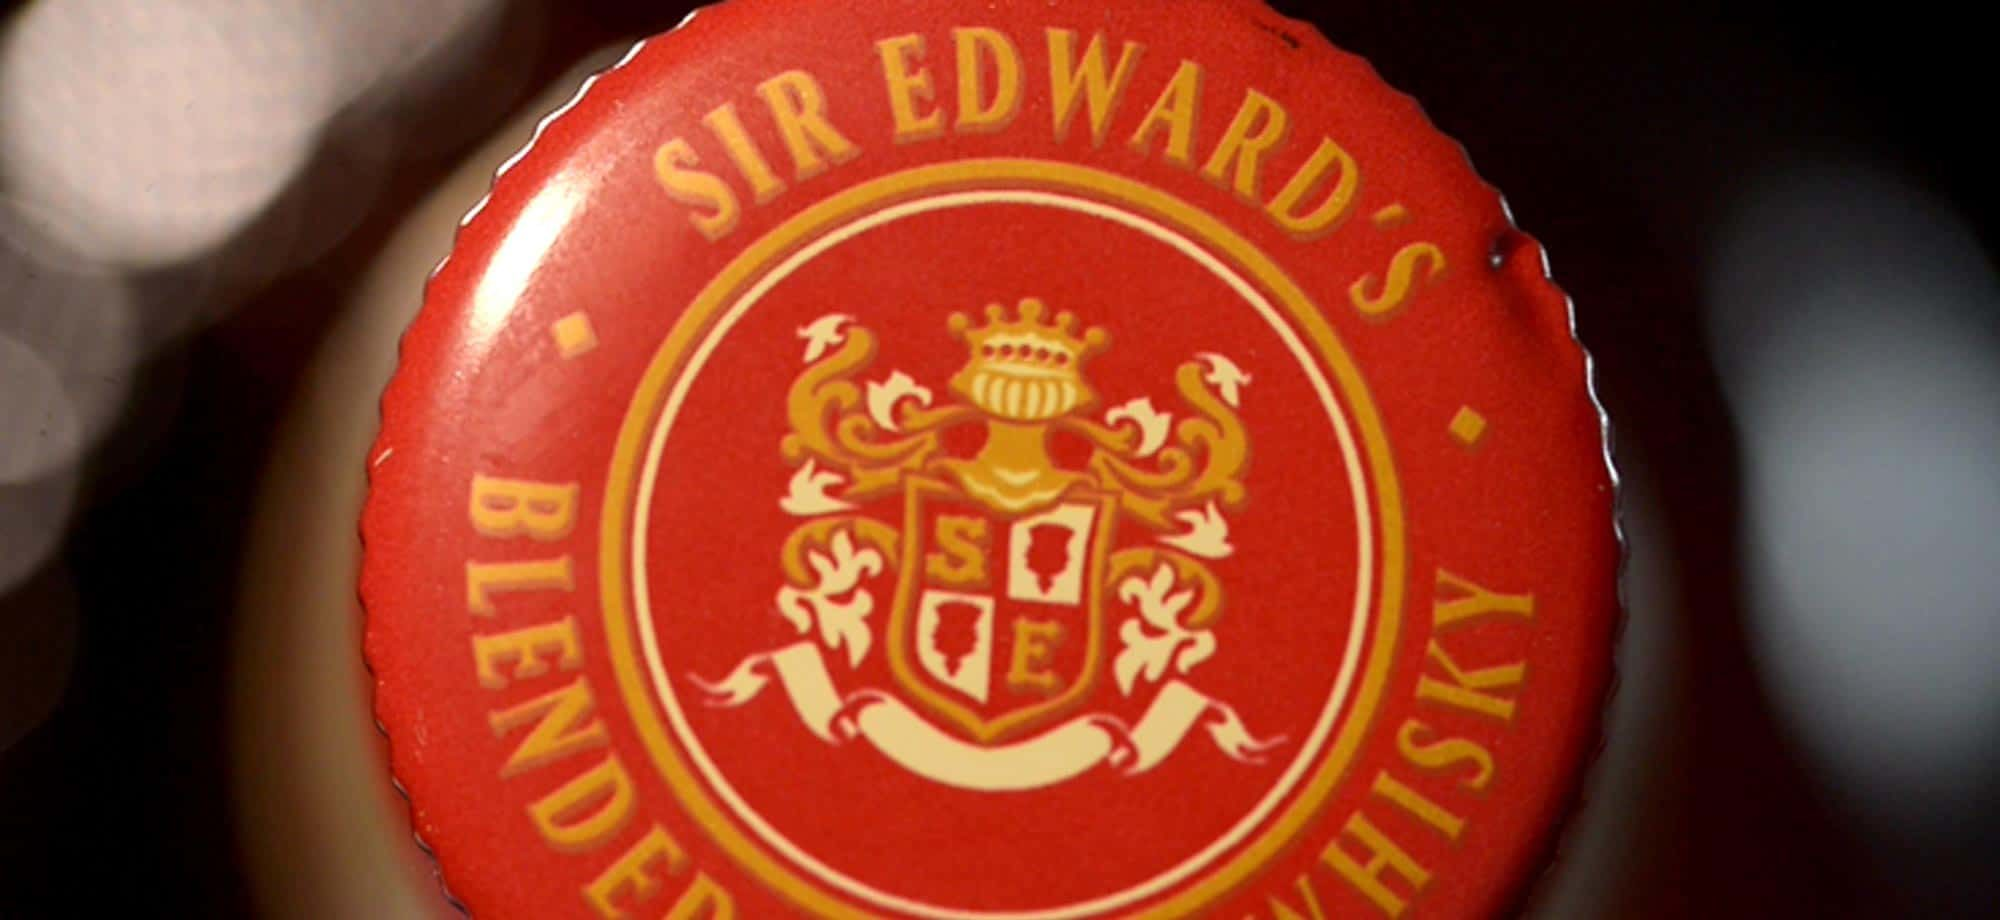 Los orígenes de <br/>Sir Edward's